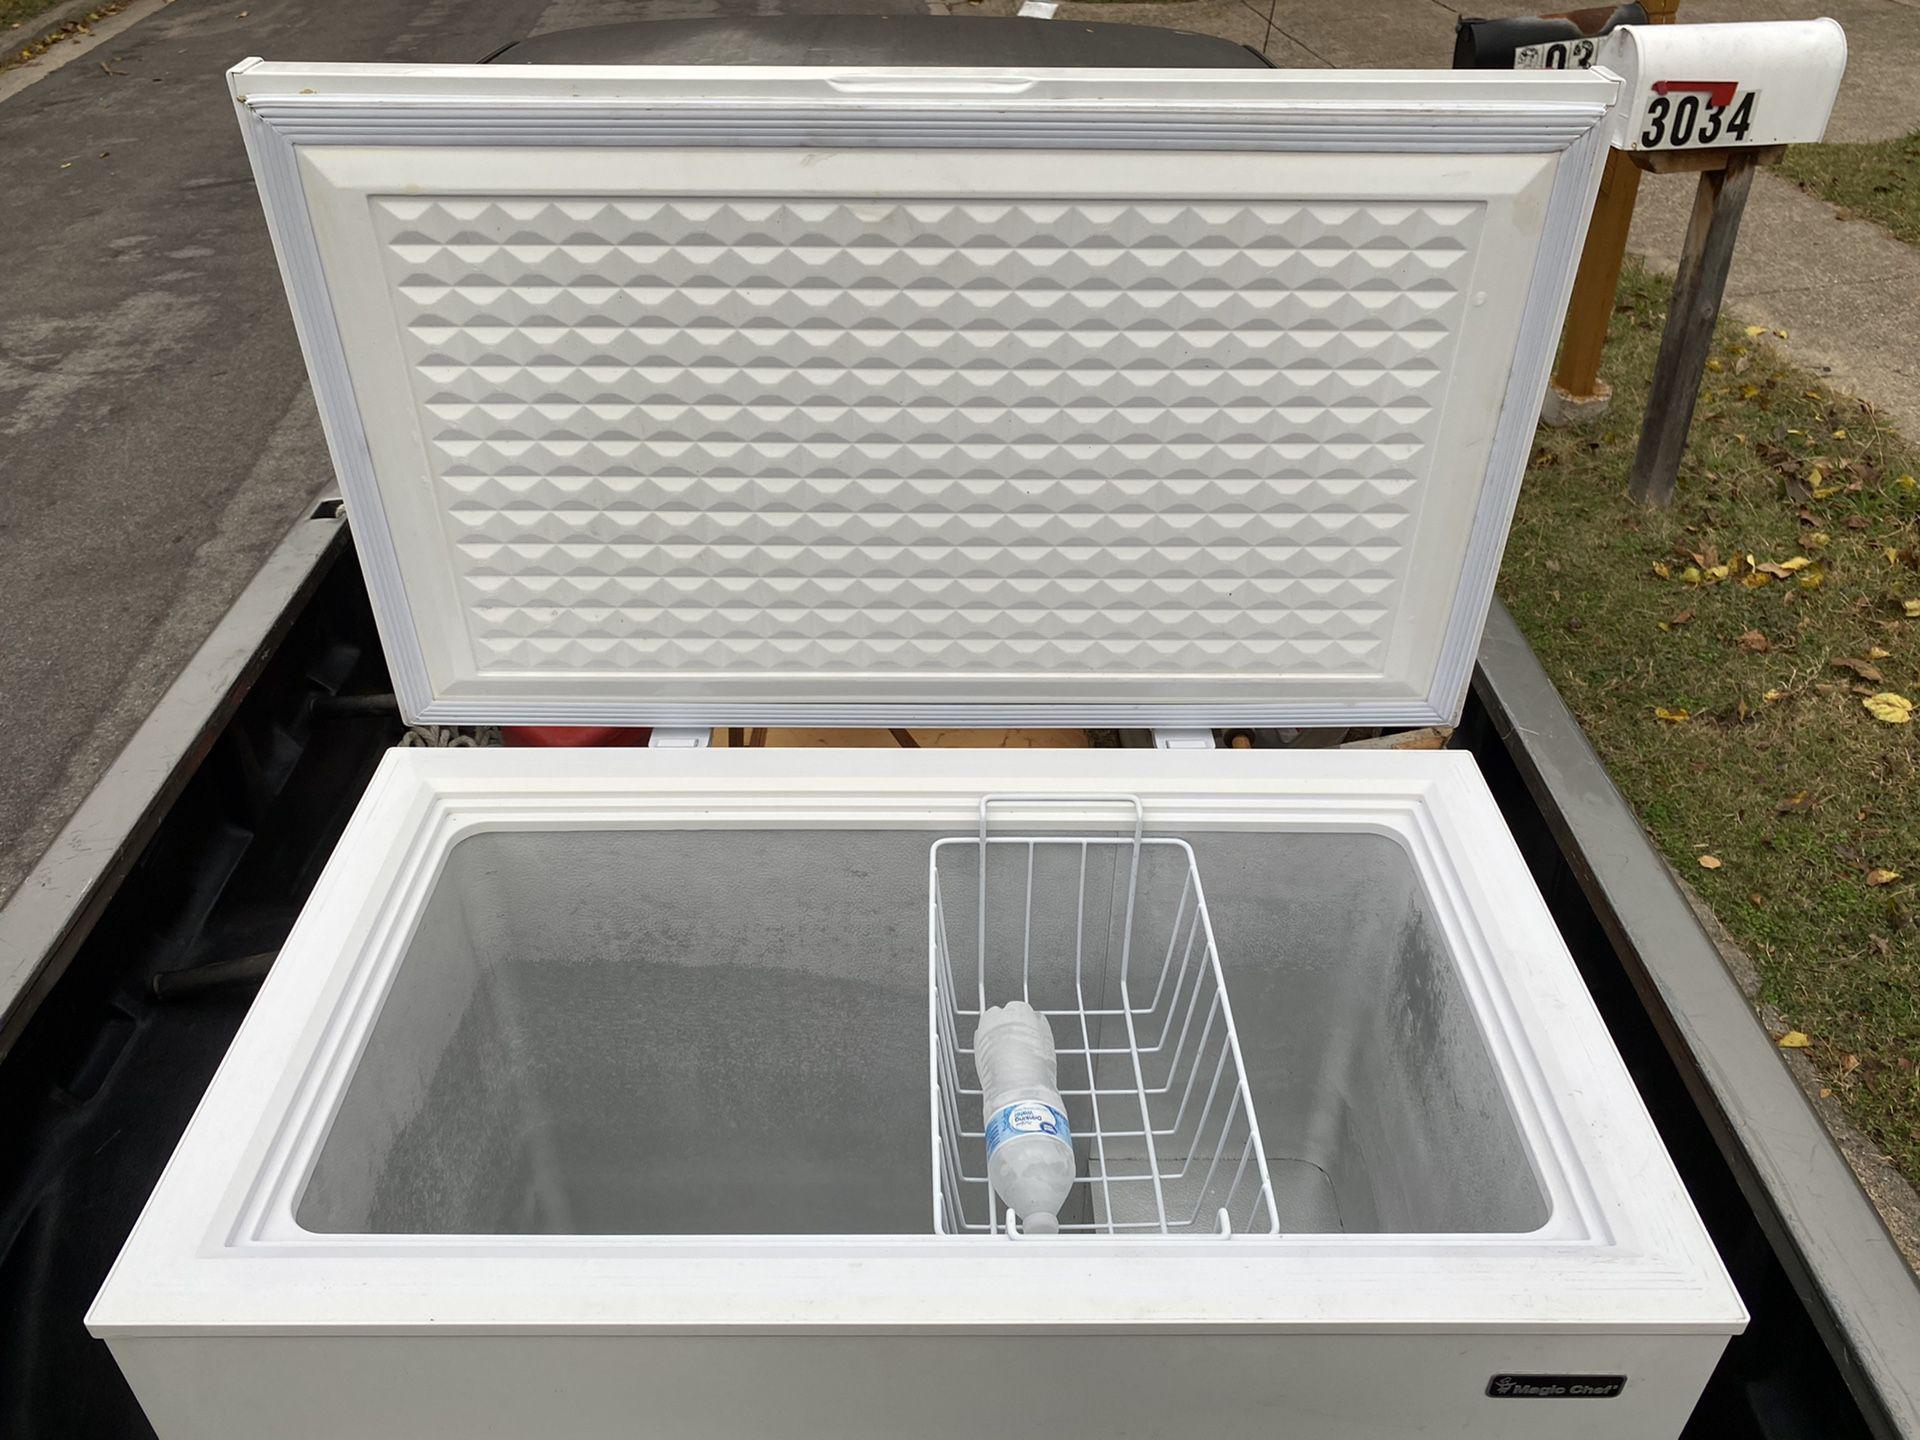 Freezer 🥶🥶7.2 cubic ft